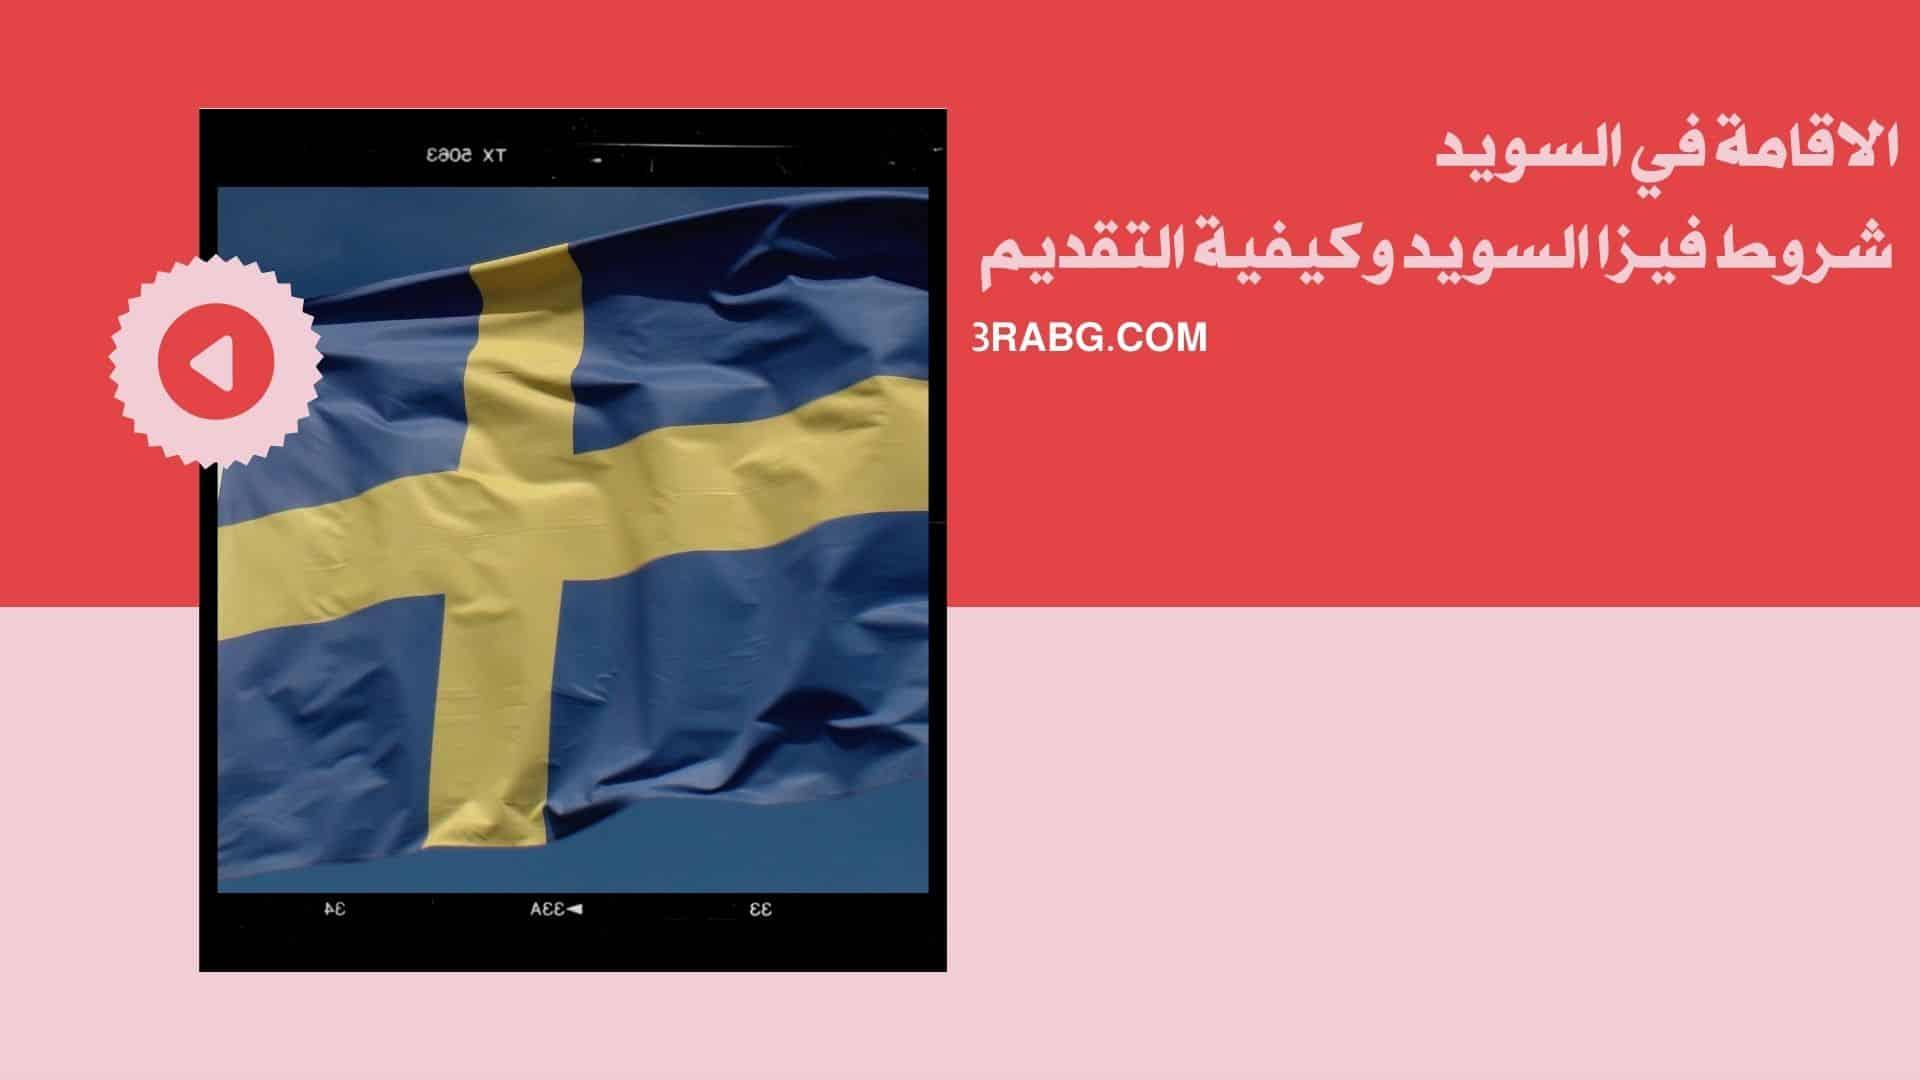 الاقامة في السويد   شروط فيزا السويد وكيفية التقديم